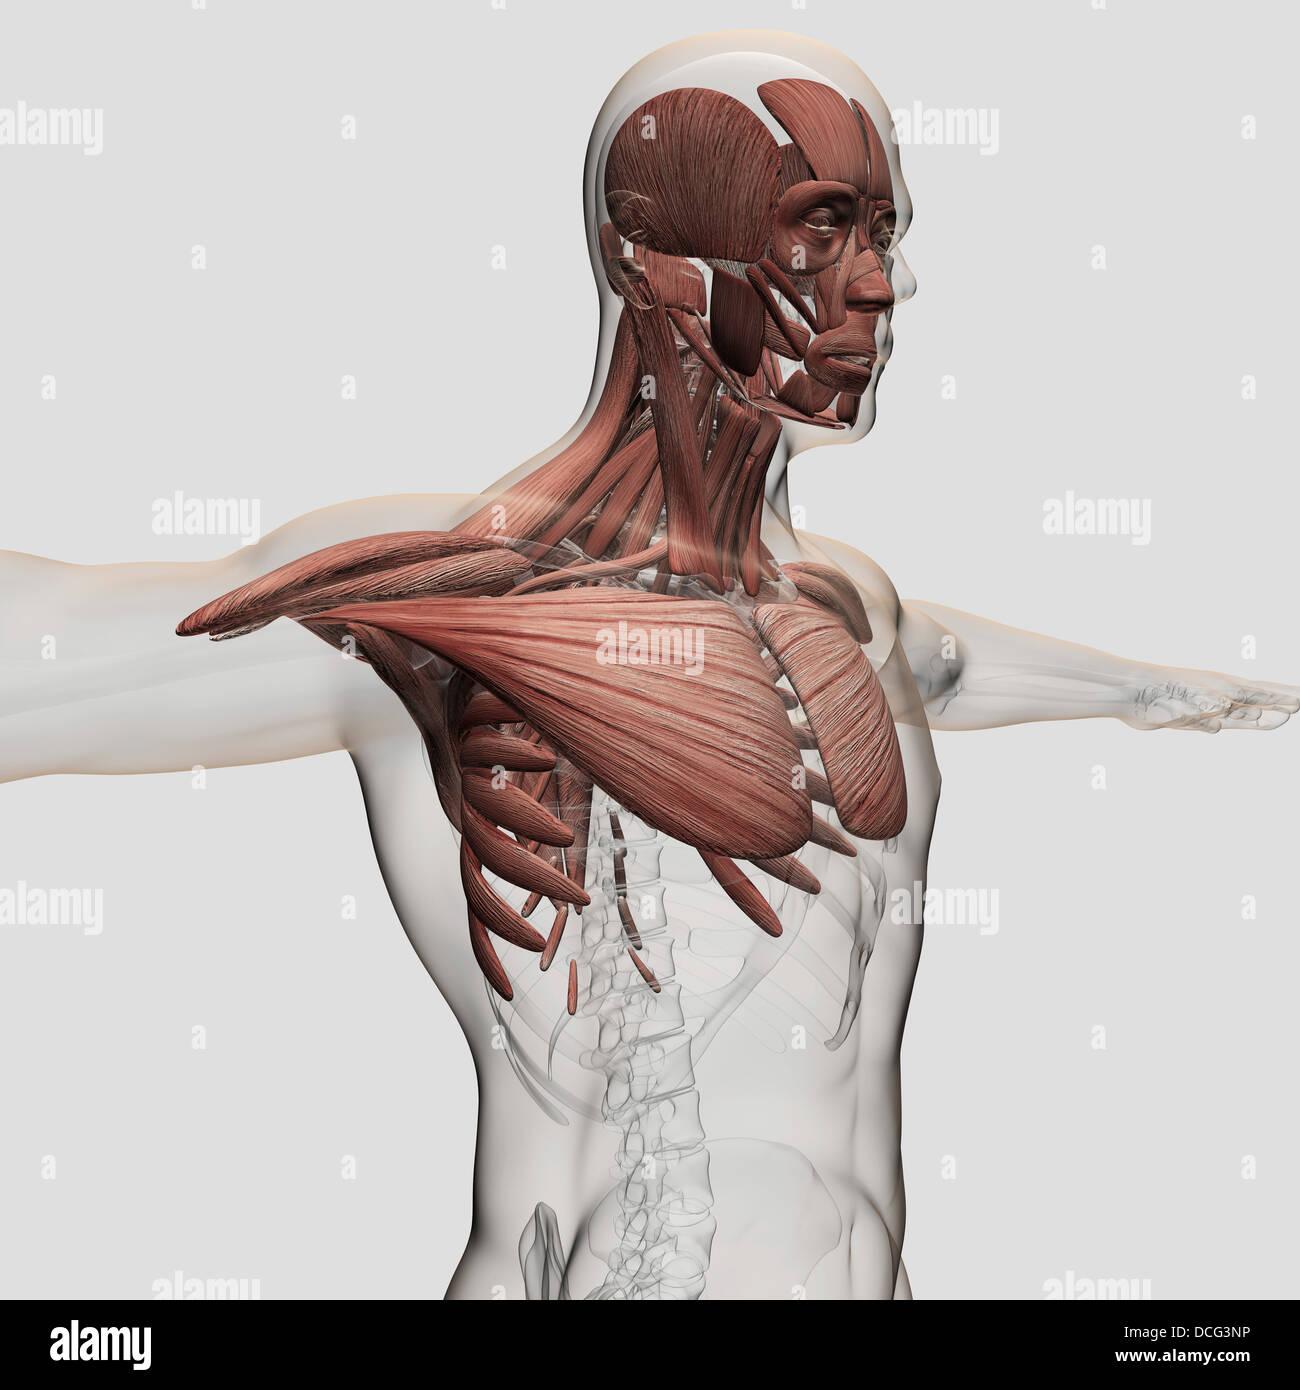 Anatomie des muscles masculins en haut du corps, vue antérieure. Photo Stock